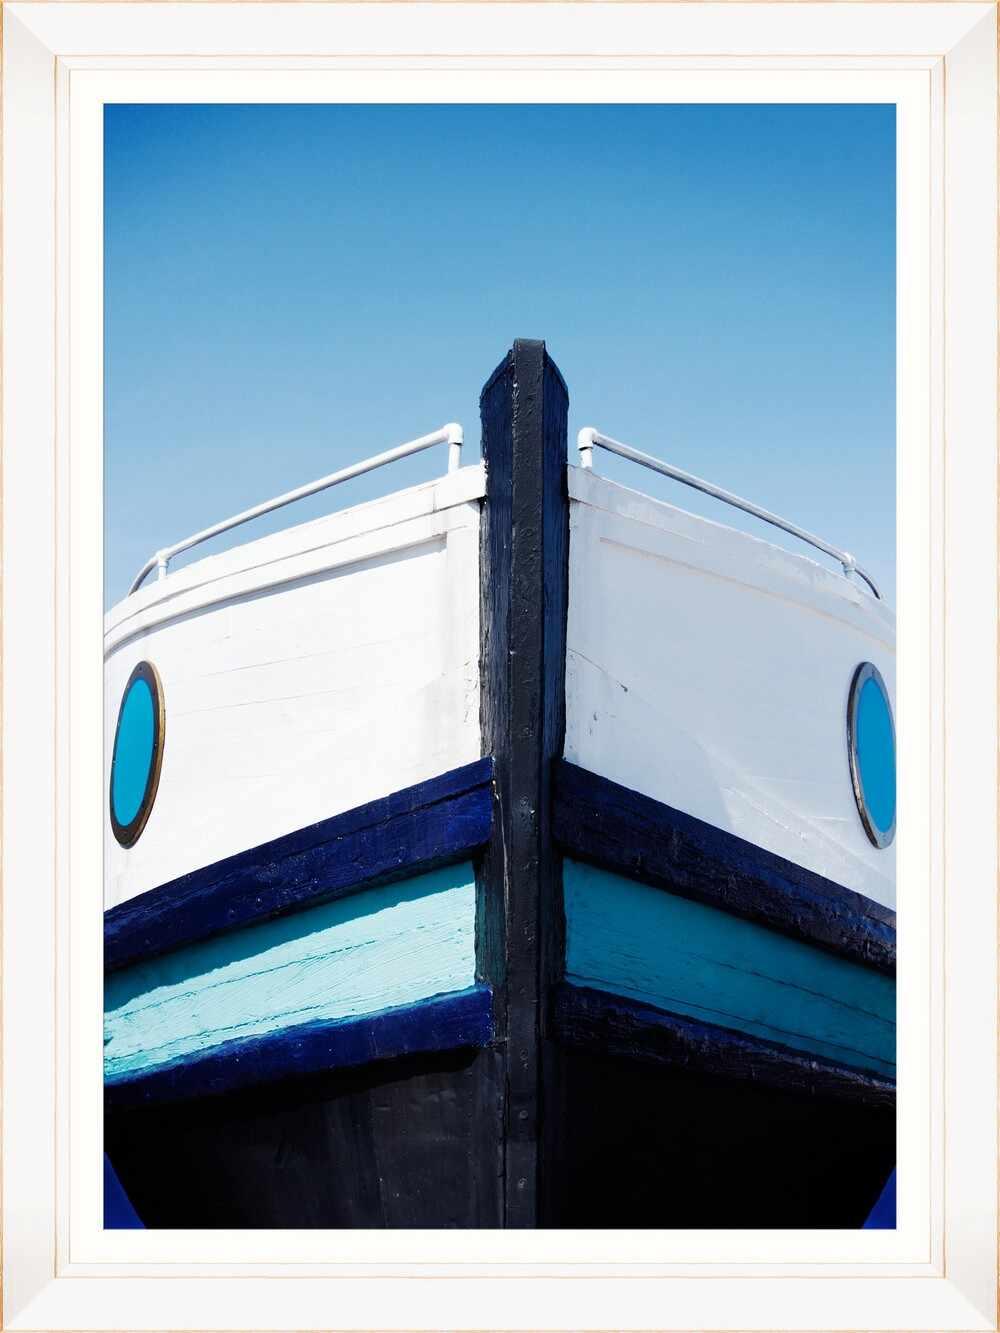 Tablou Framed Art Wooden Boat Bow II la pret 625 lei